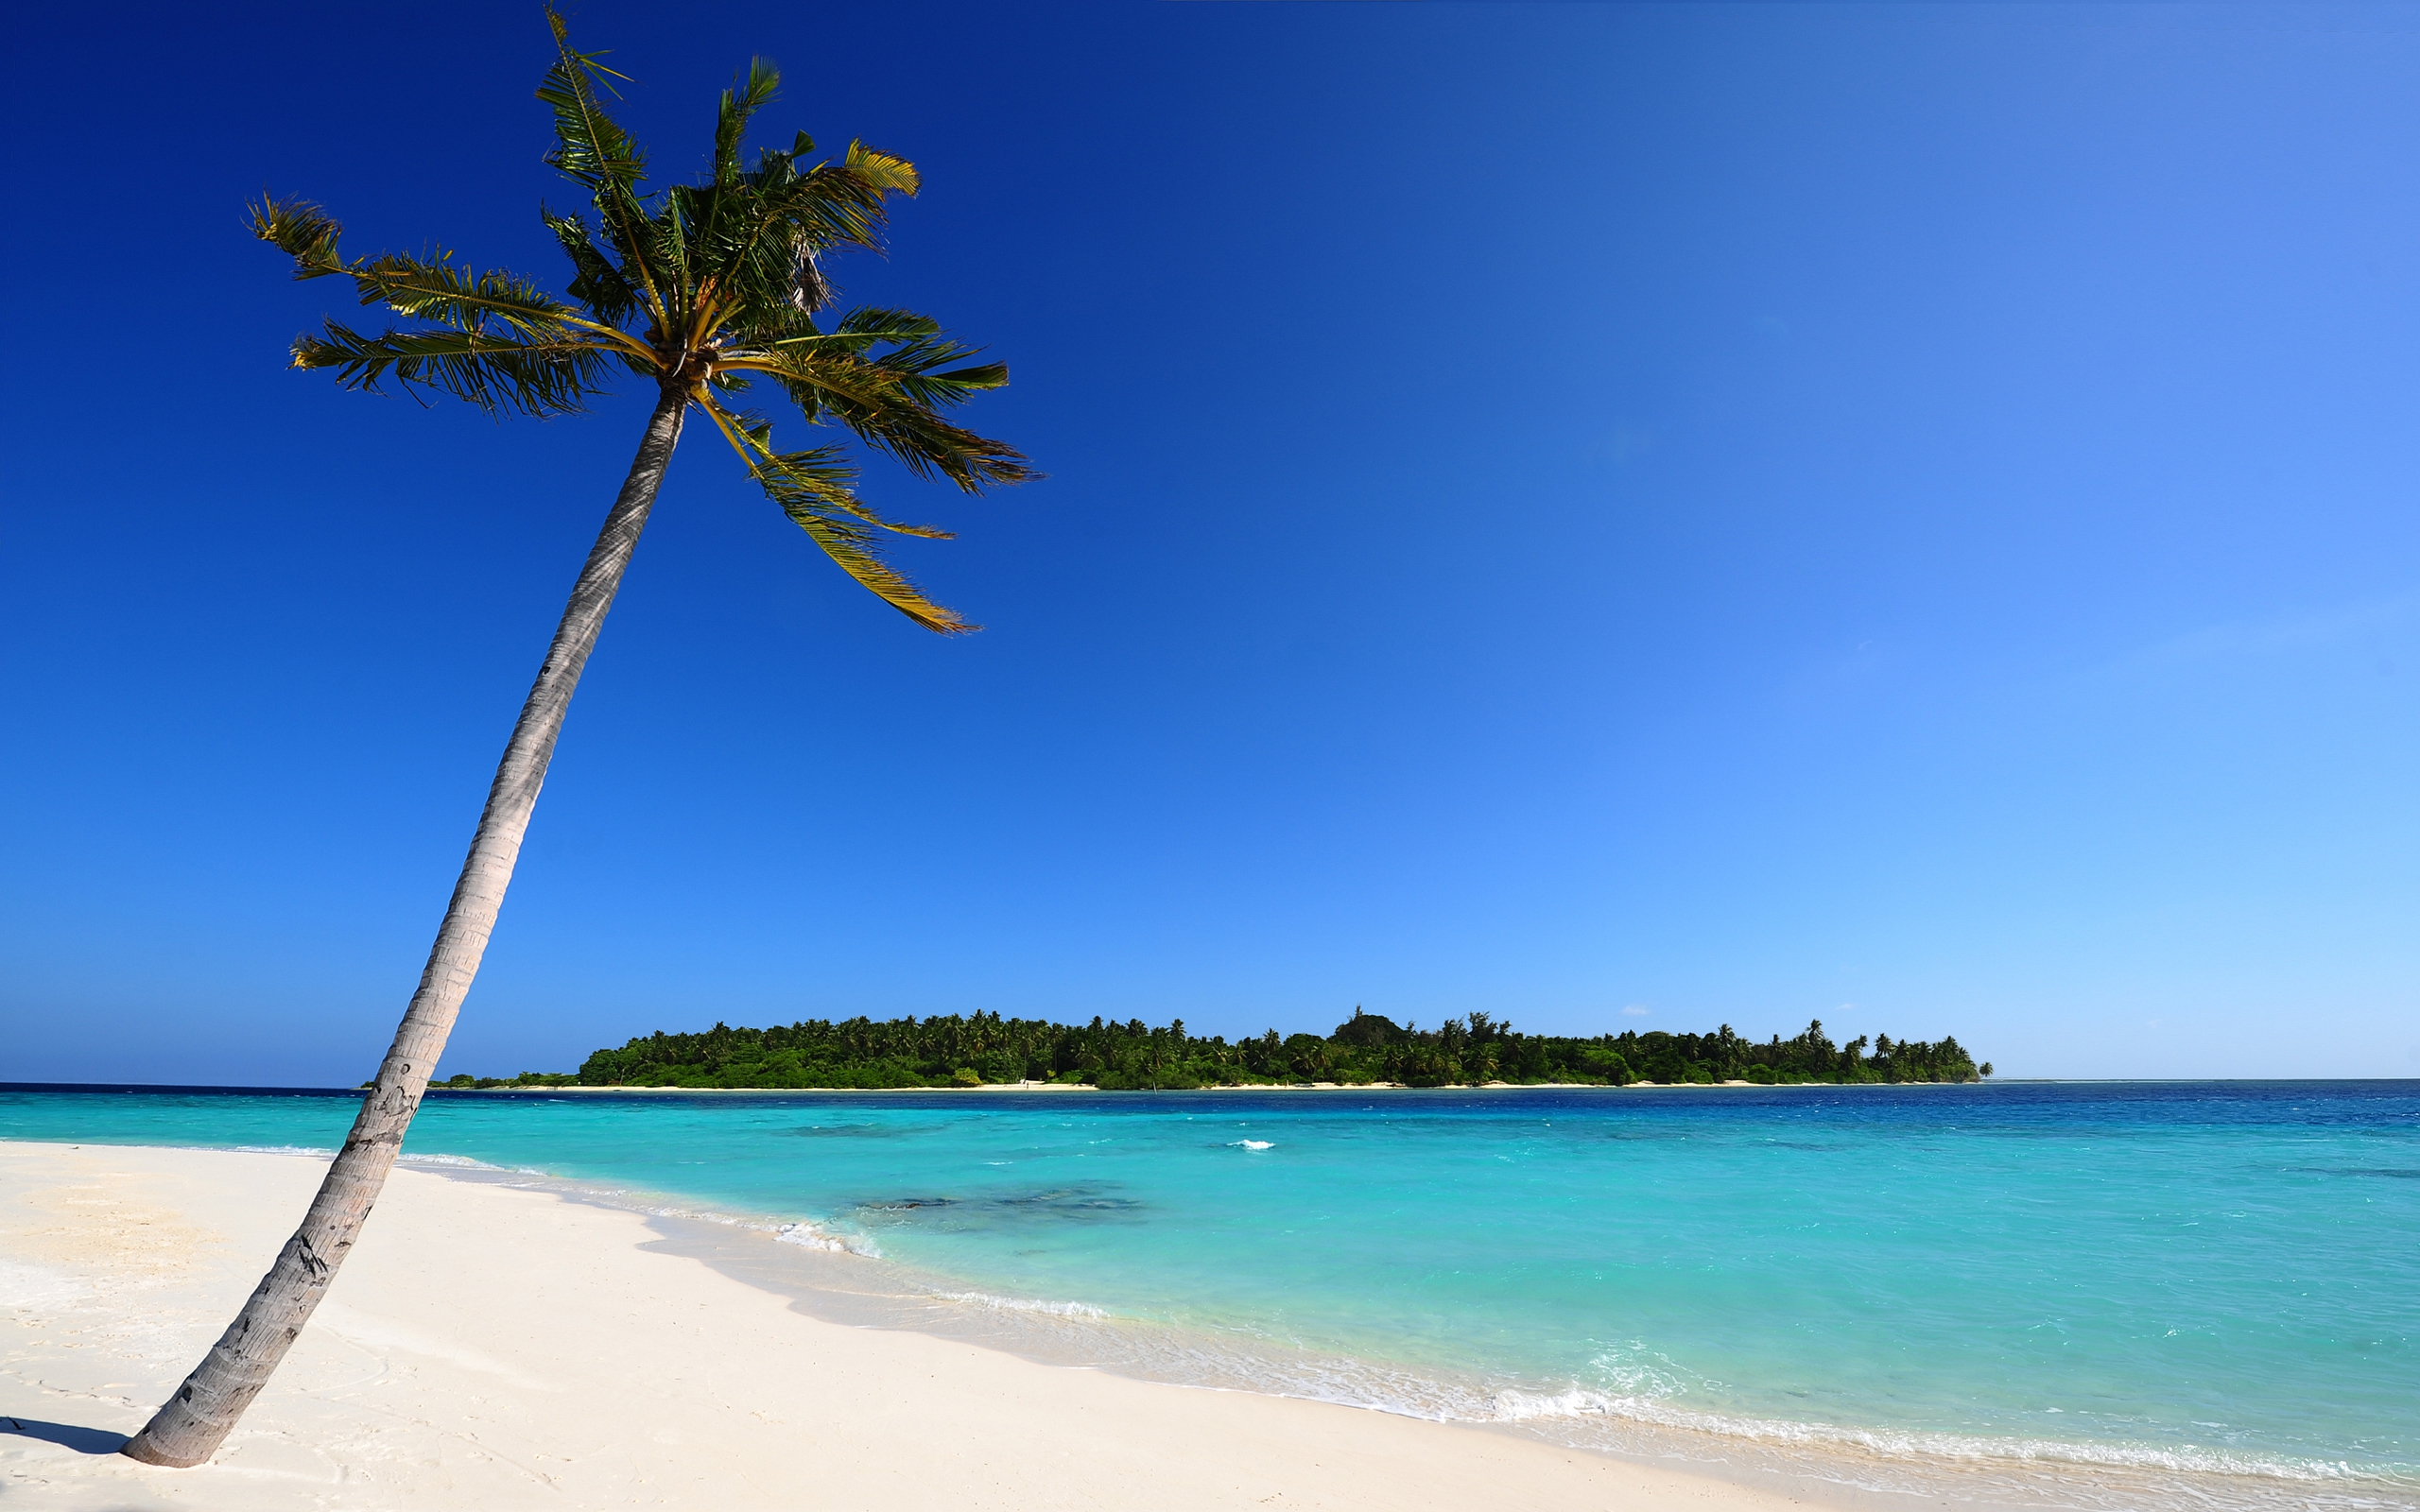 Maldivian Beach HD Wallpaper High Quality WallpapersWallpaper 2560x1600